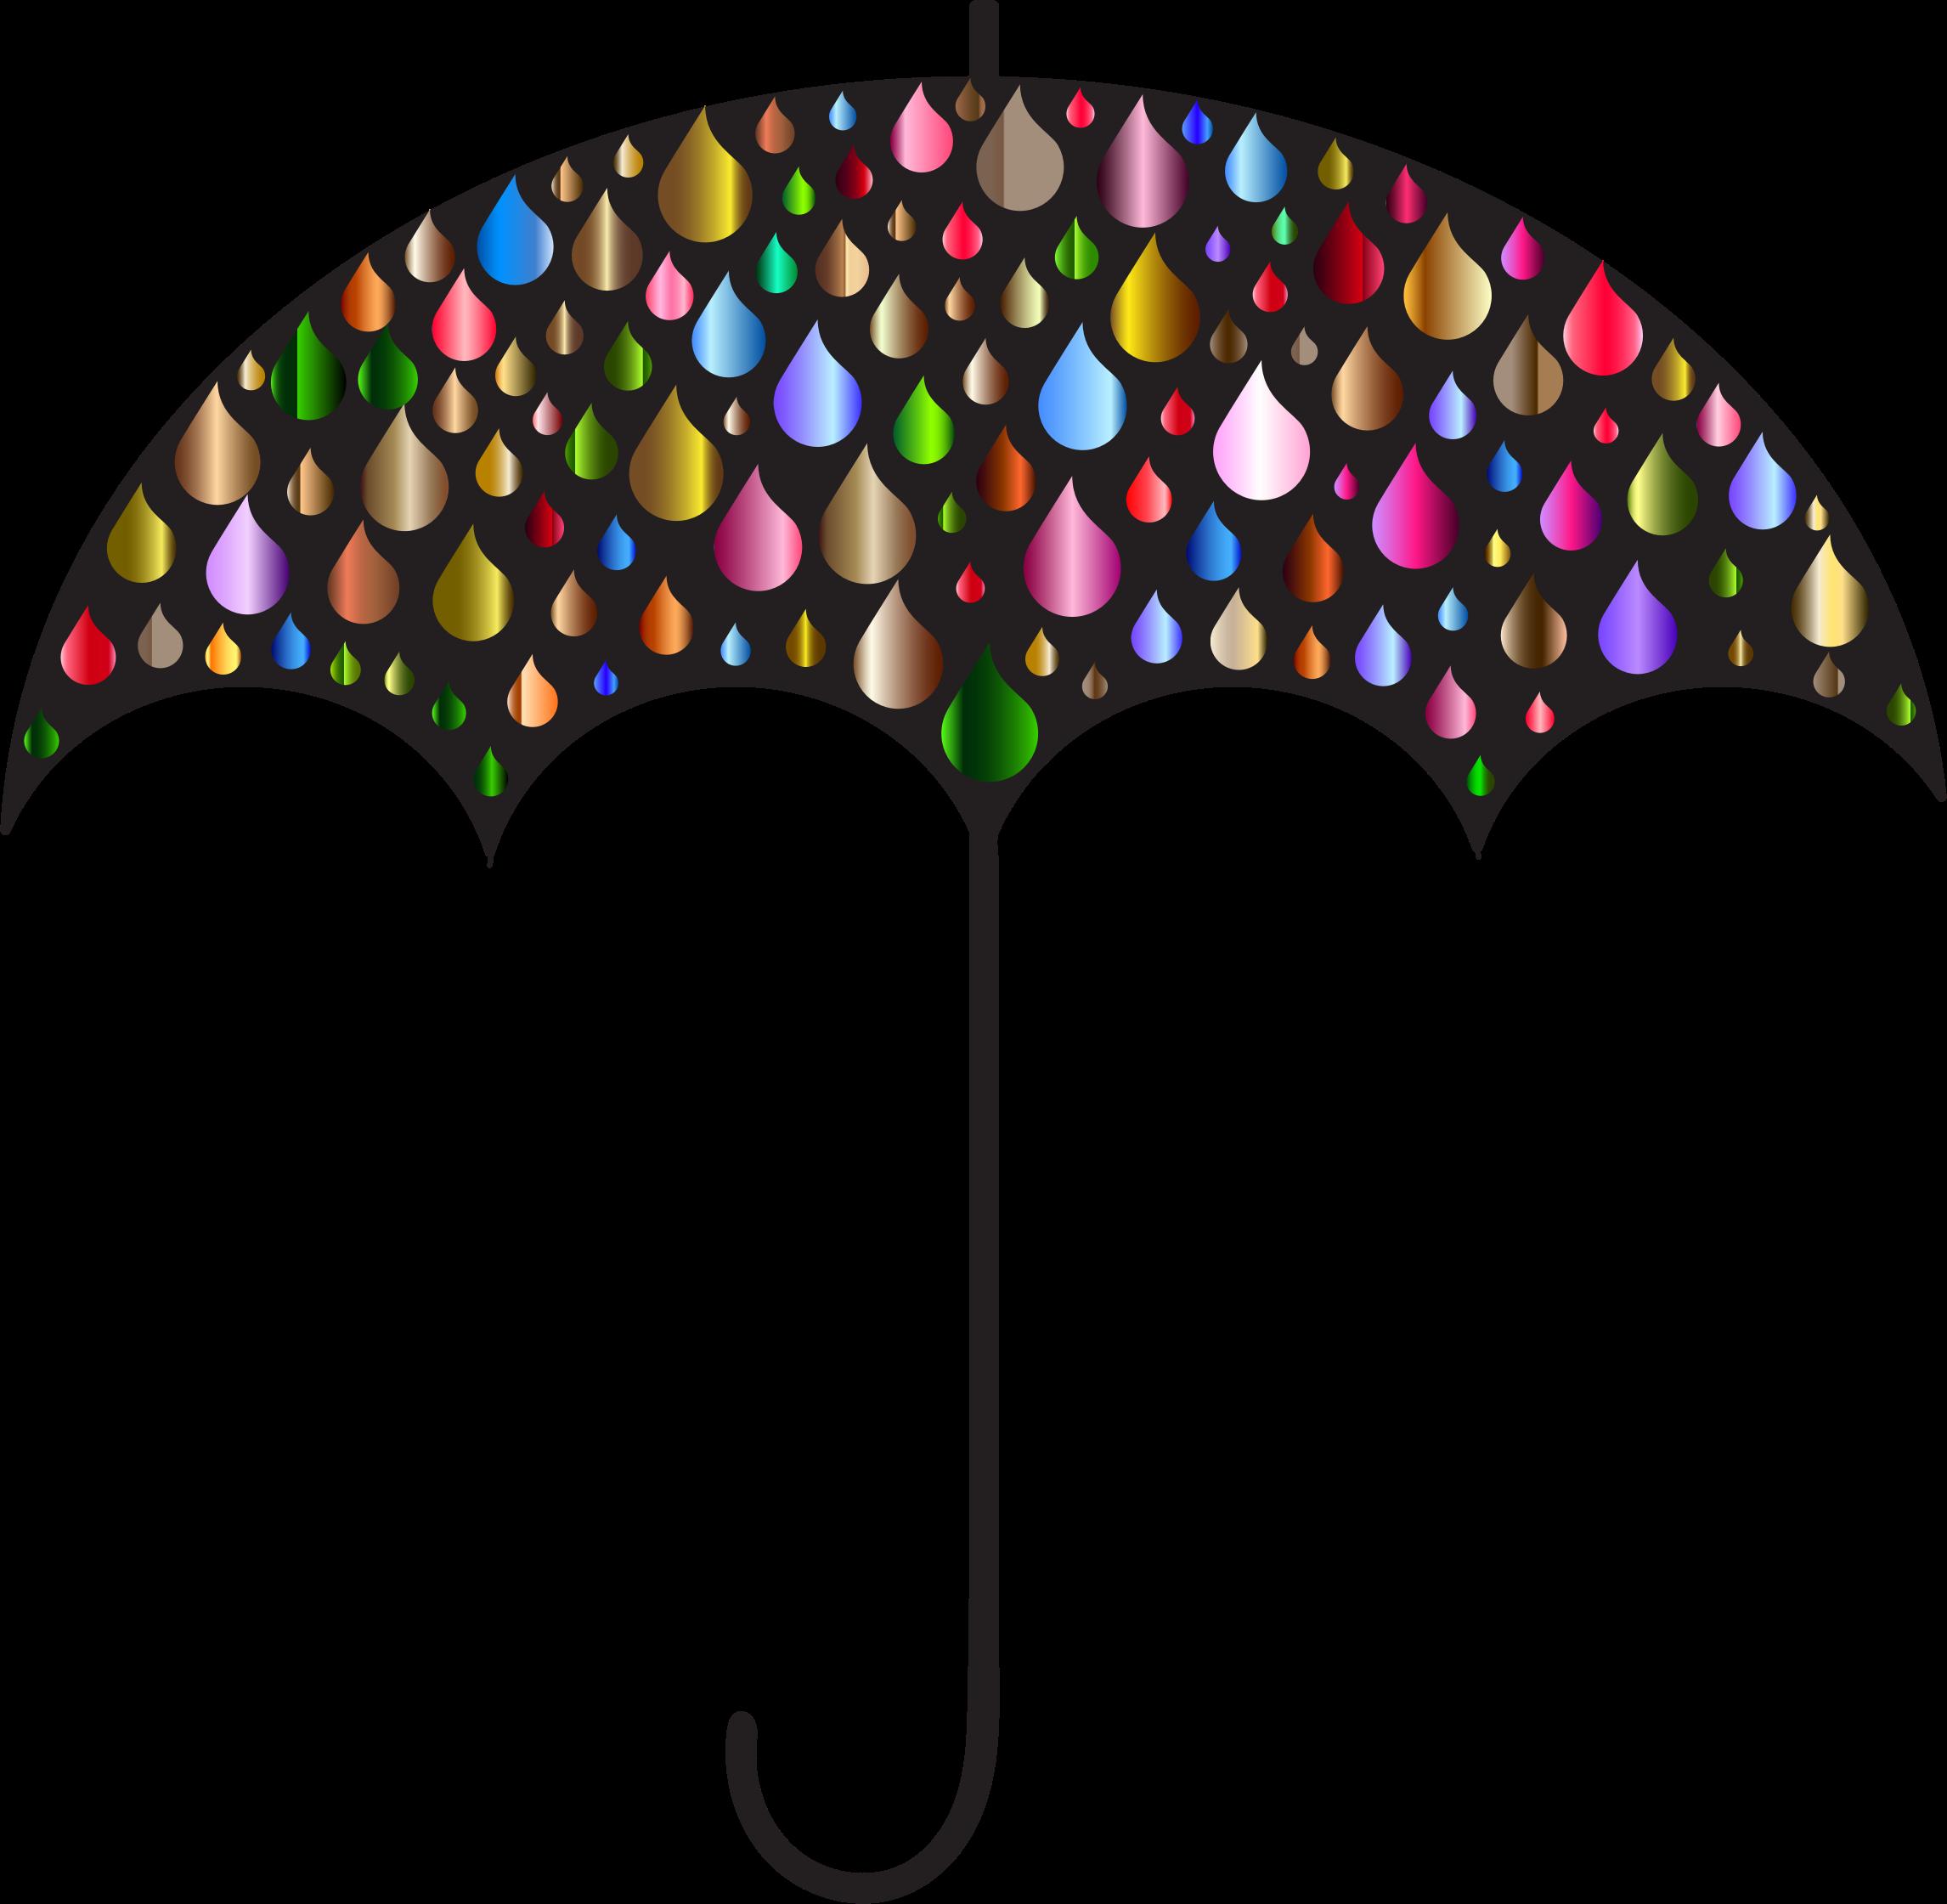 Clipart rain umbrella. Silhouette clip art at